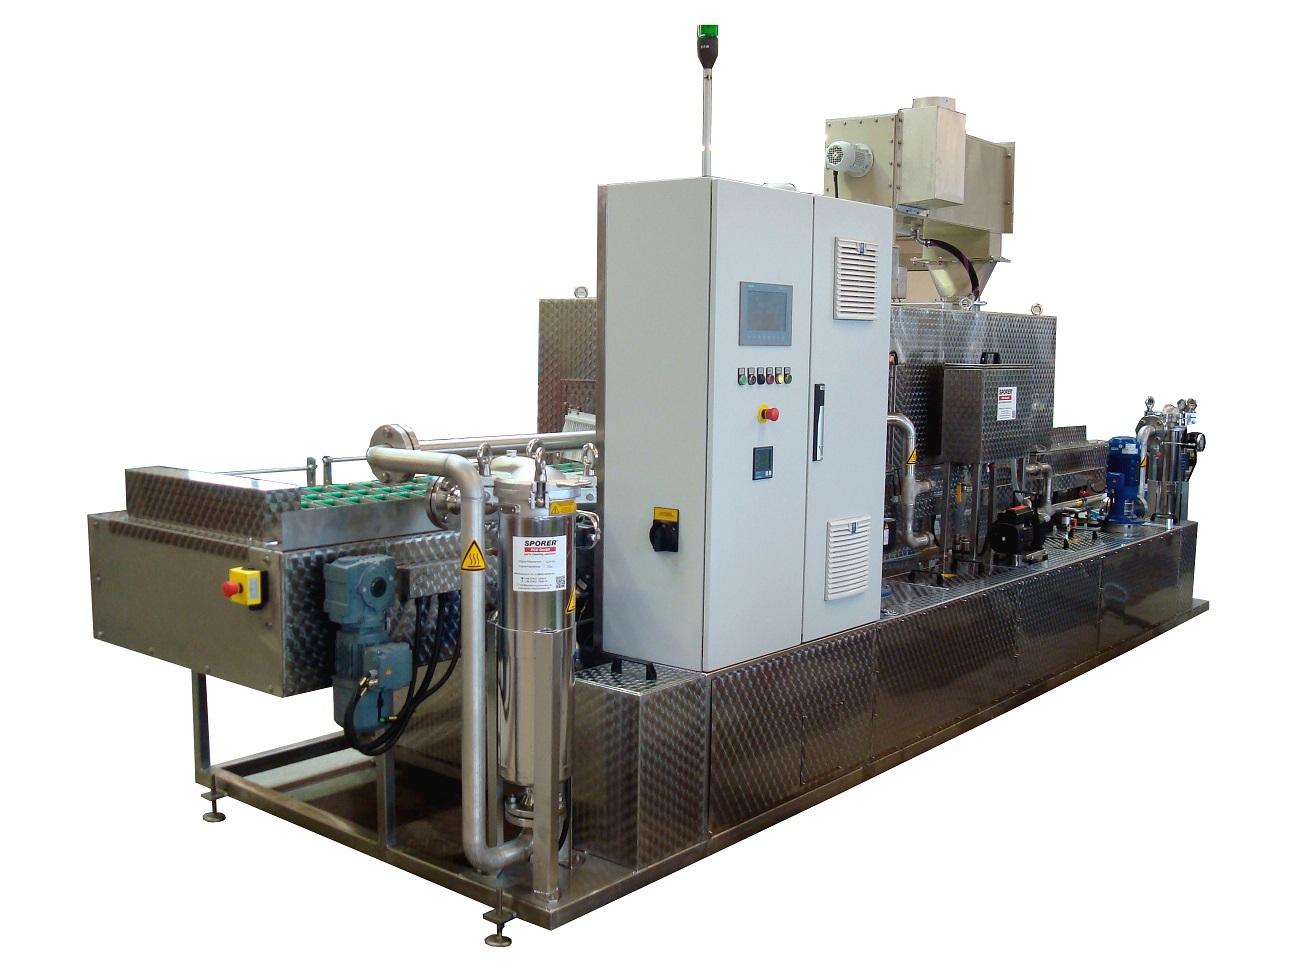 Tunnel de lavage cadencé chargé par robot lavage / rinçage / séchage avec des fixations spécifiques au client